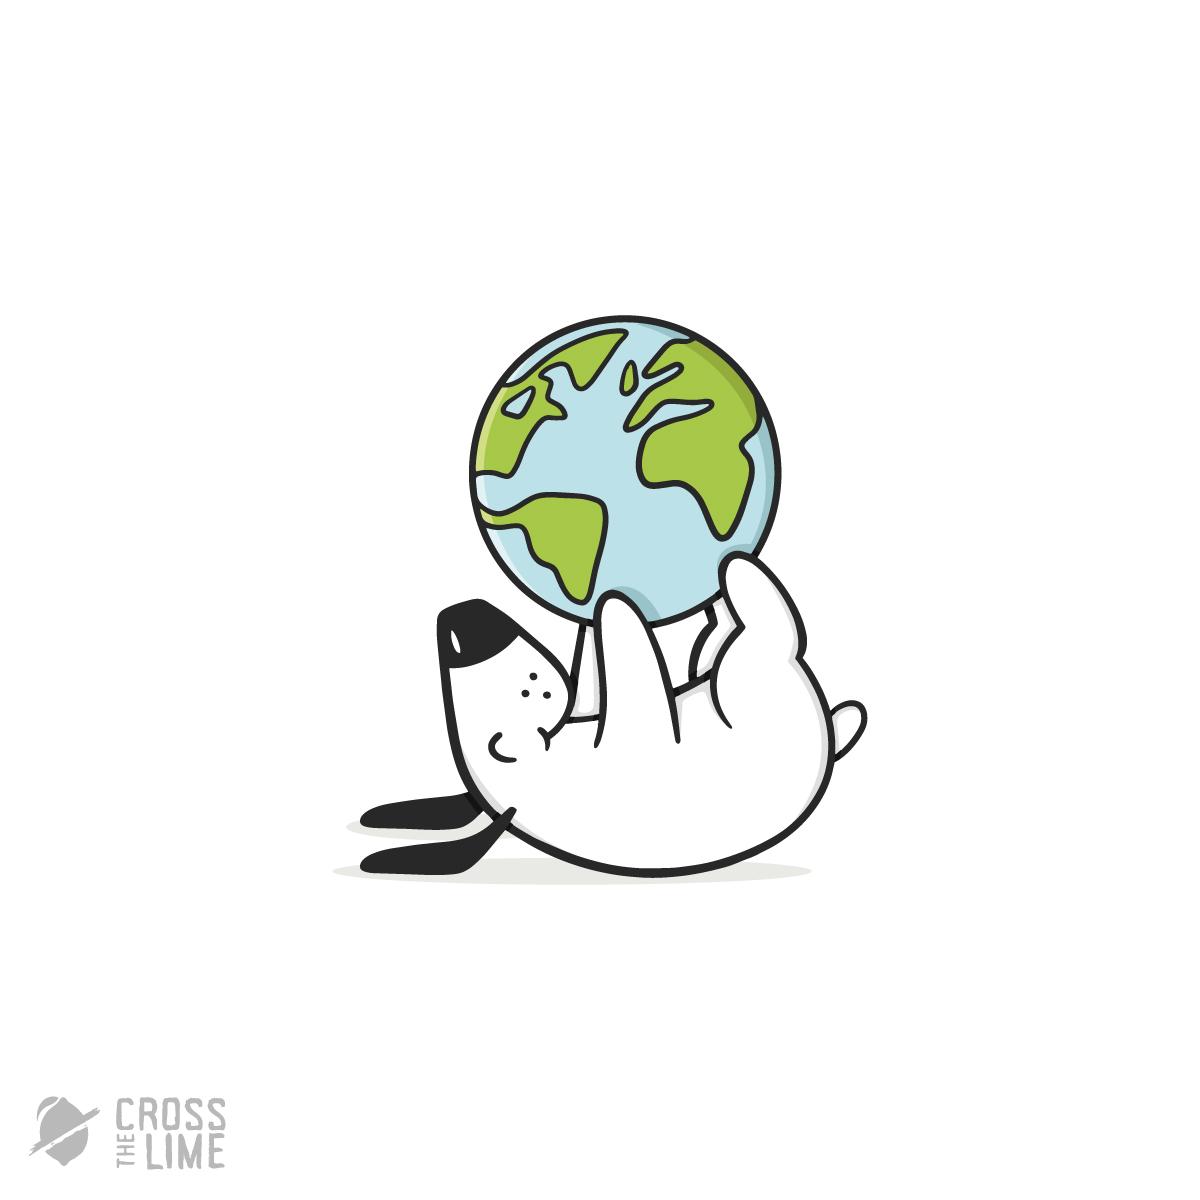 Dog with globe logo